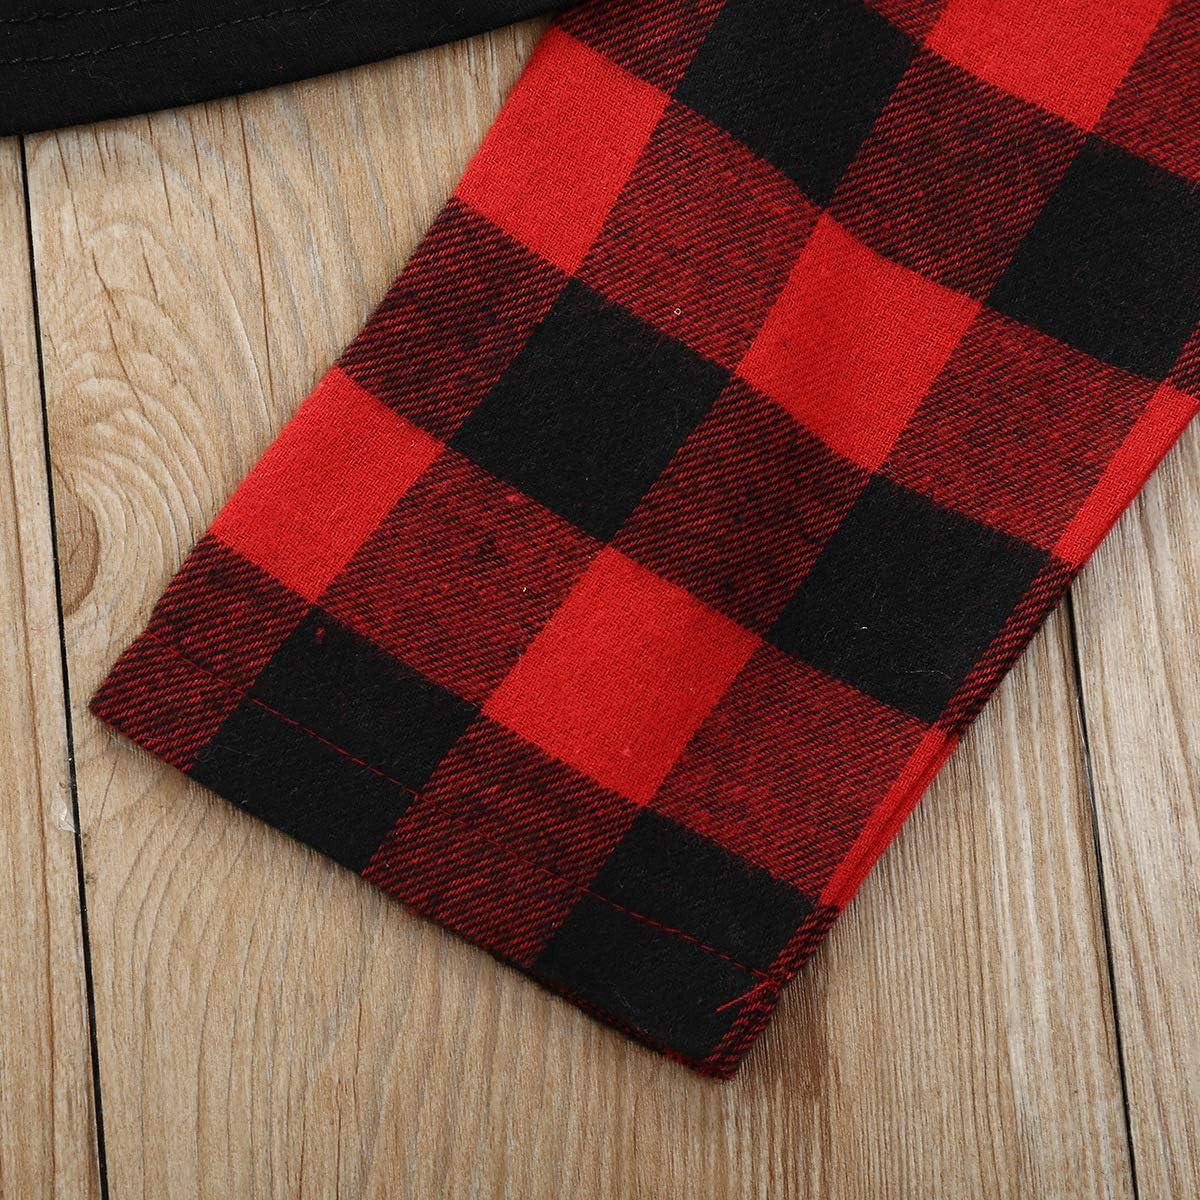 Schal//Stirnband Weihnachten Outfits Sets Verve Jelly Baby M/ädchen Weihnachten Outfits Kleinkind Kinder Weihnachten Schneemann Langarm Tops Bedruckte Lange Hosen